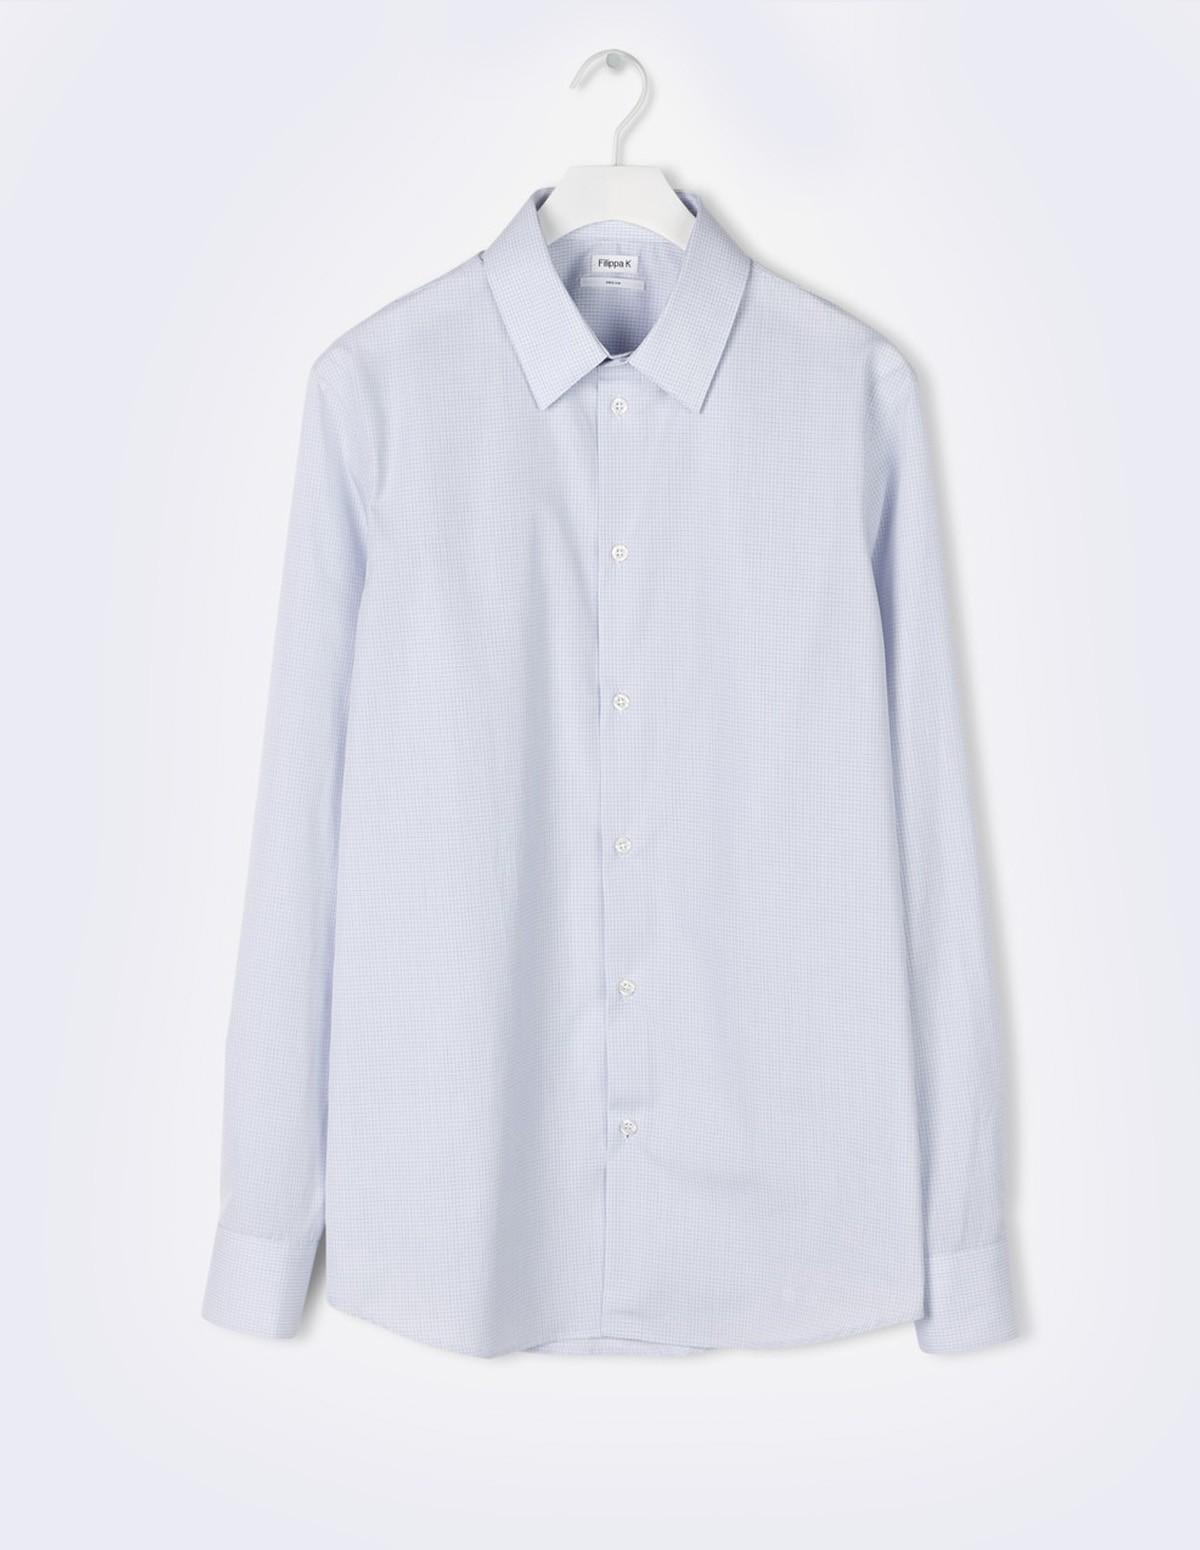 M. James Check Shirt - BLUE/WHITE